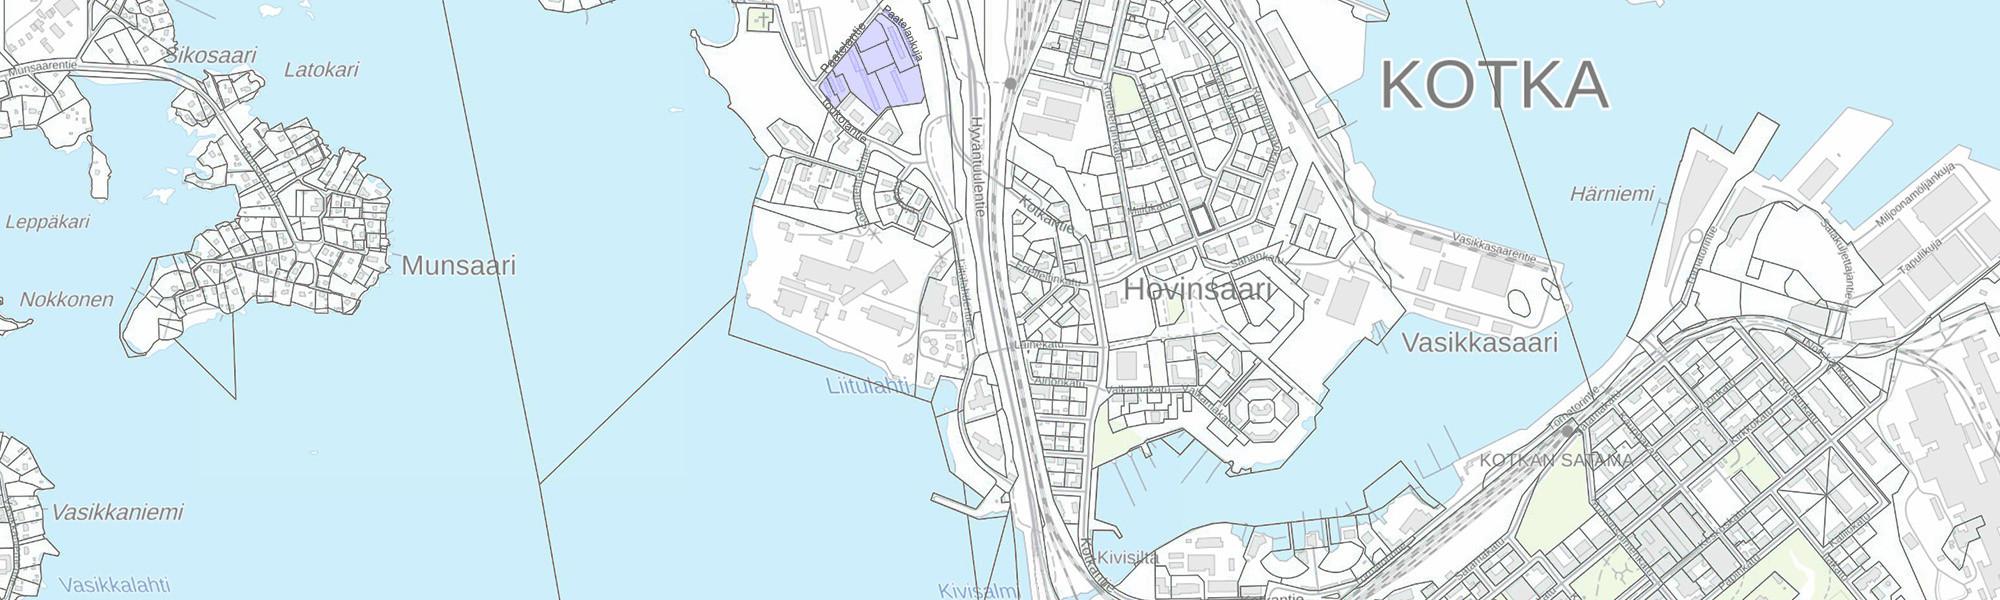 Kuvassa esitetty Kotkan Sote-keskuksen kaava-alueen sijainti.